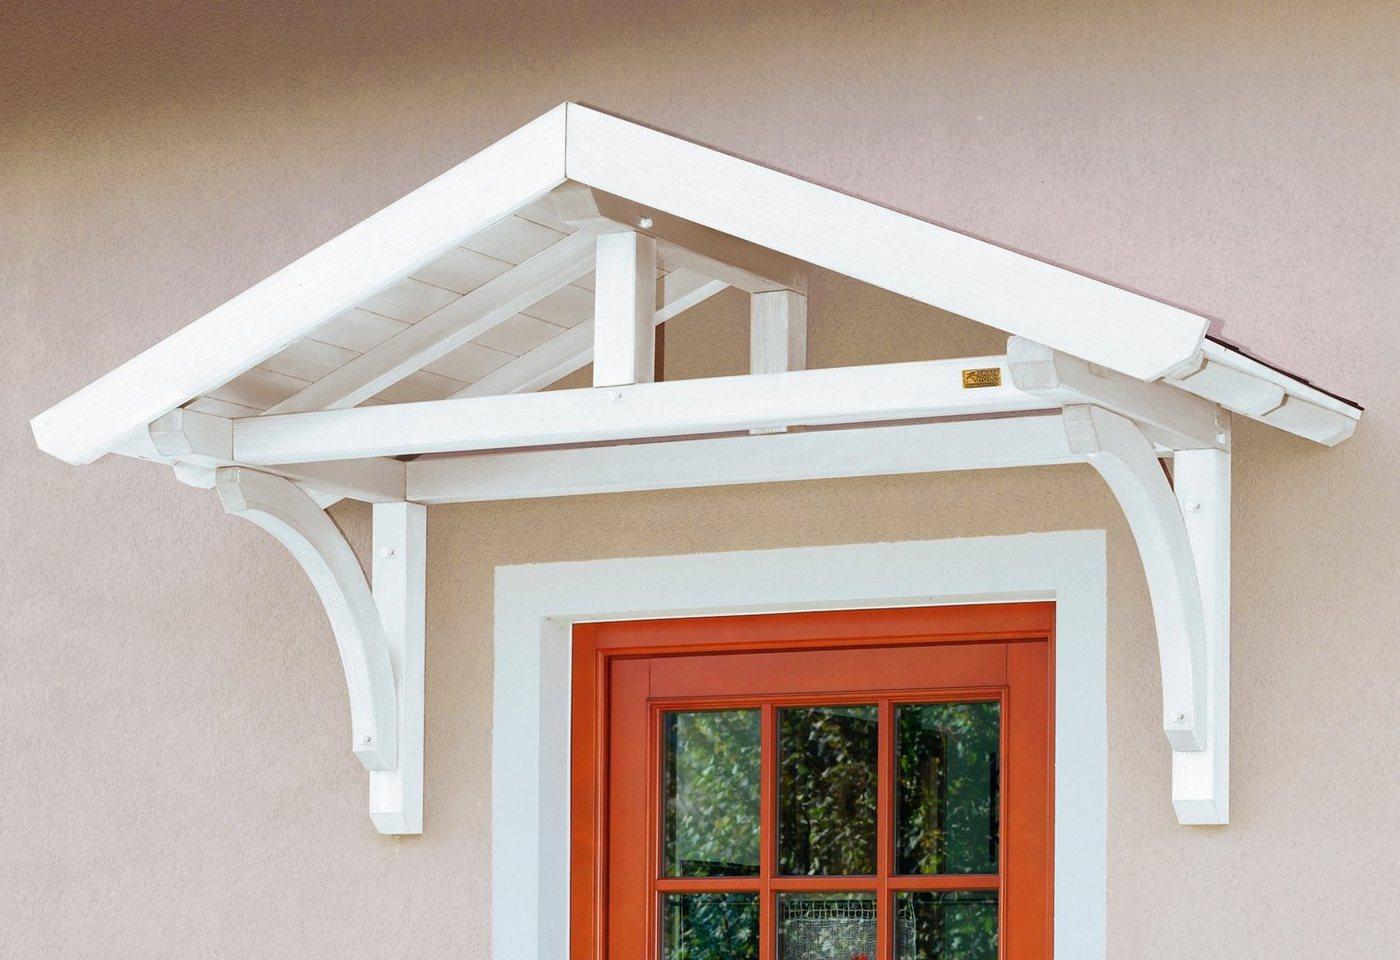 Skanholz Vordach-Set »Stettin«, BxT: 180x80 cm, inkl. schwarzen Dachschindeln | Baumarkt > Modernisieren und Baün > Vordächer | Weiß | Skanholz